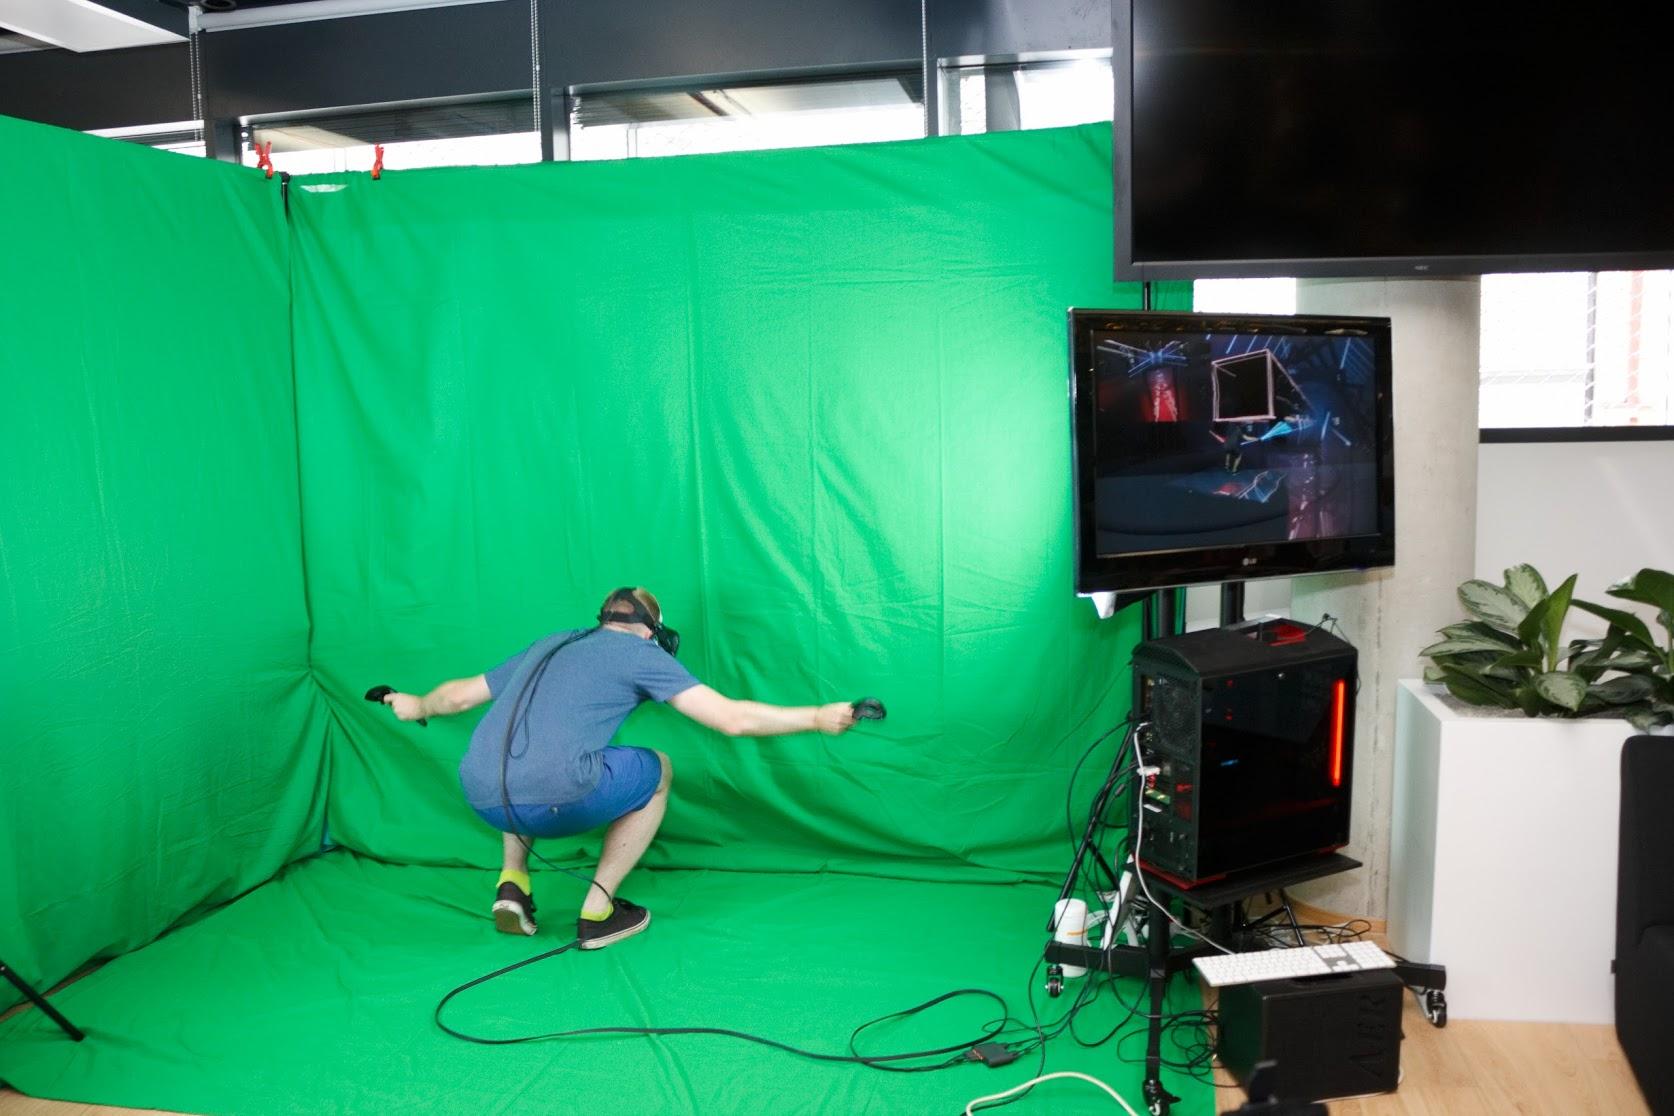 demo VR hry Beat Saber od Jána Ilavského